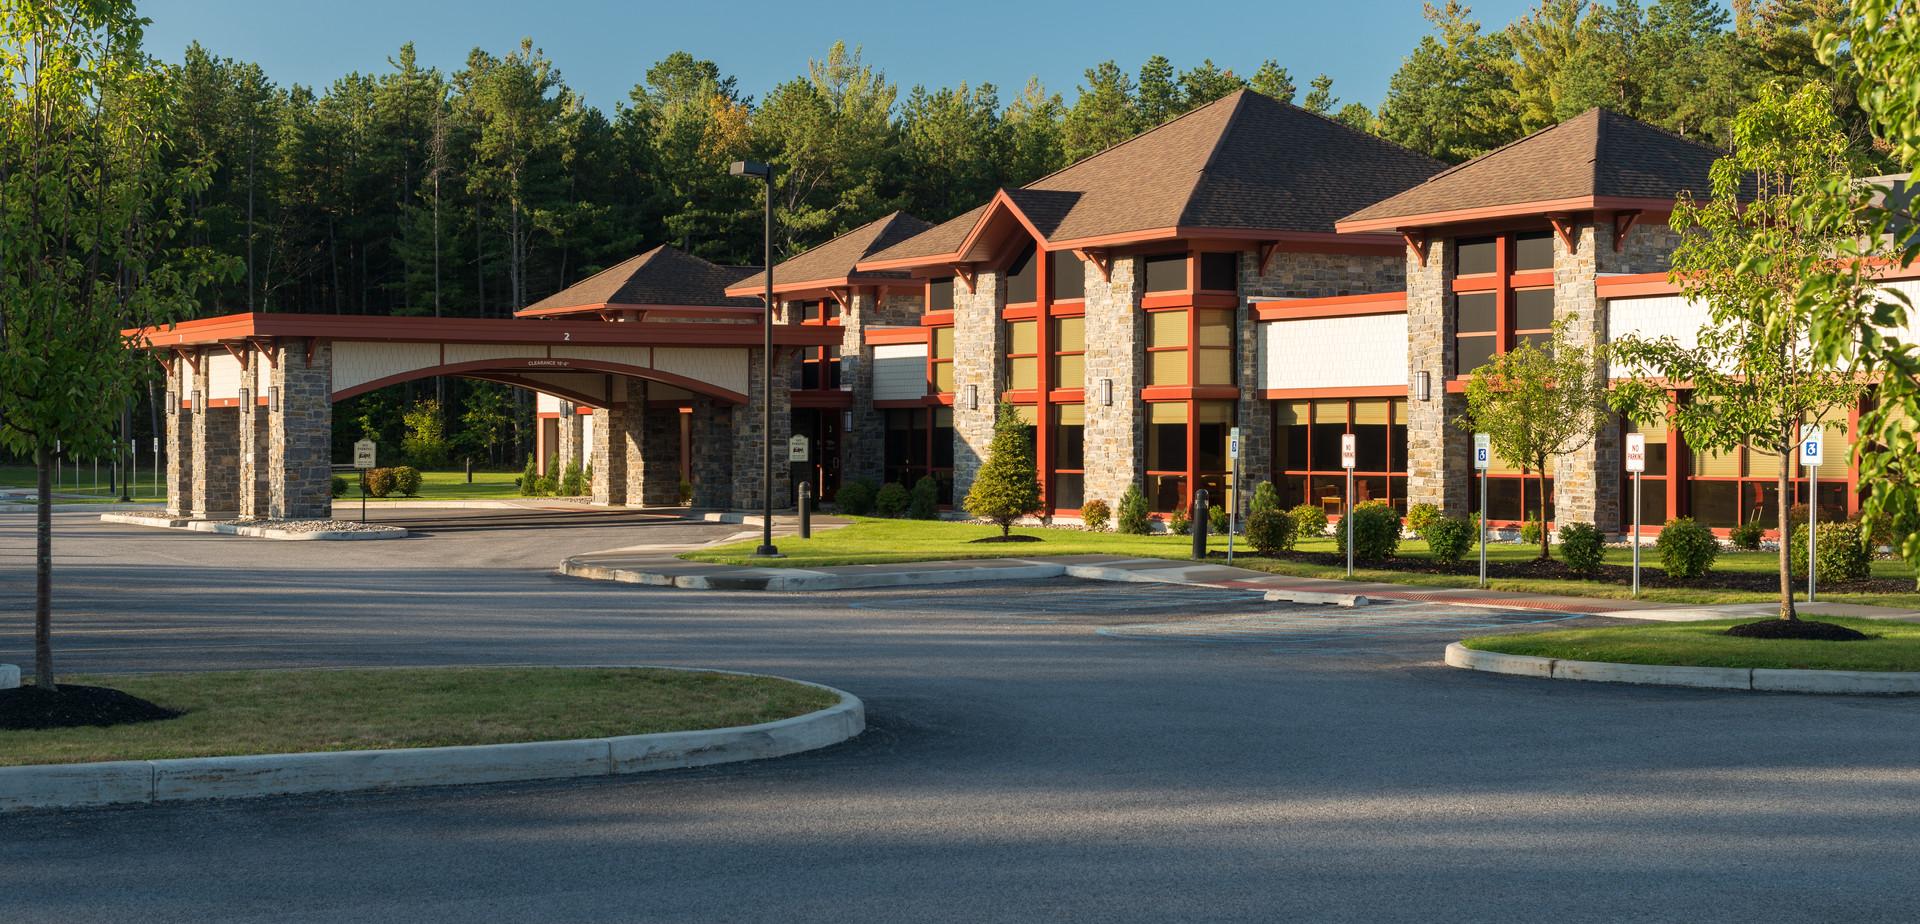 West Mountain Health Services Bldg 2